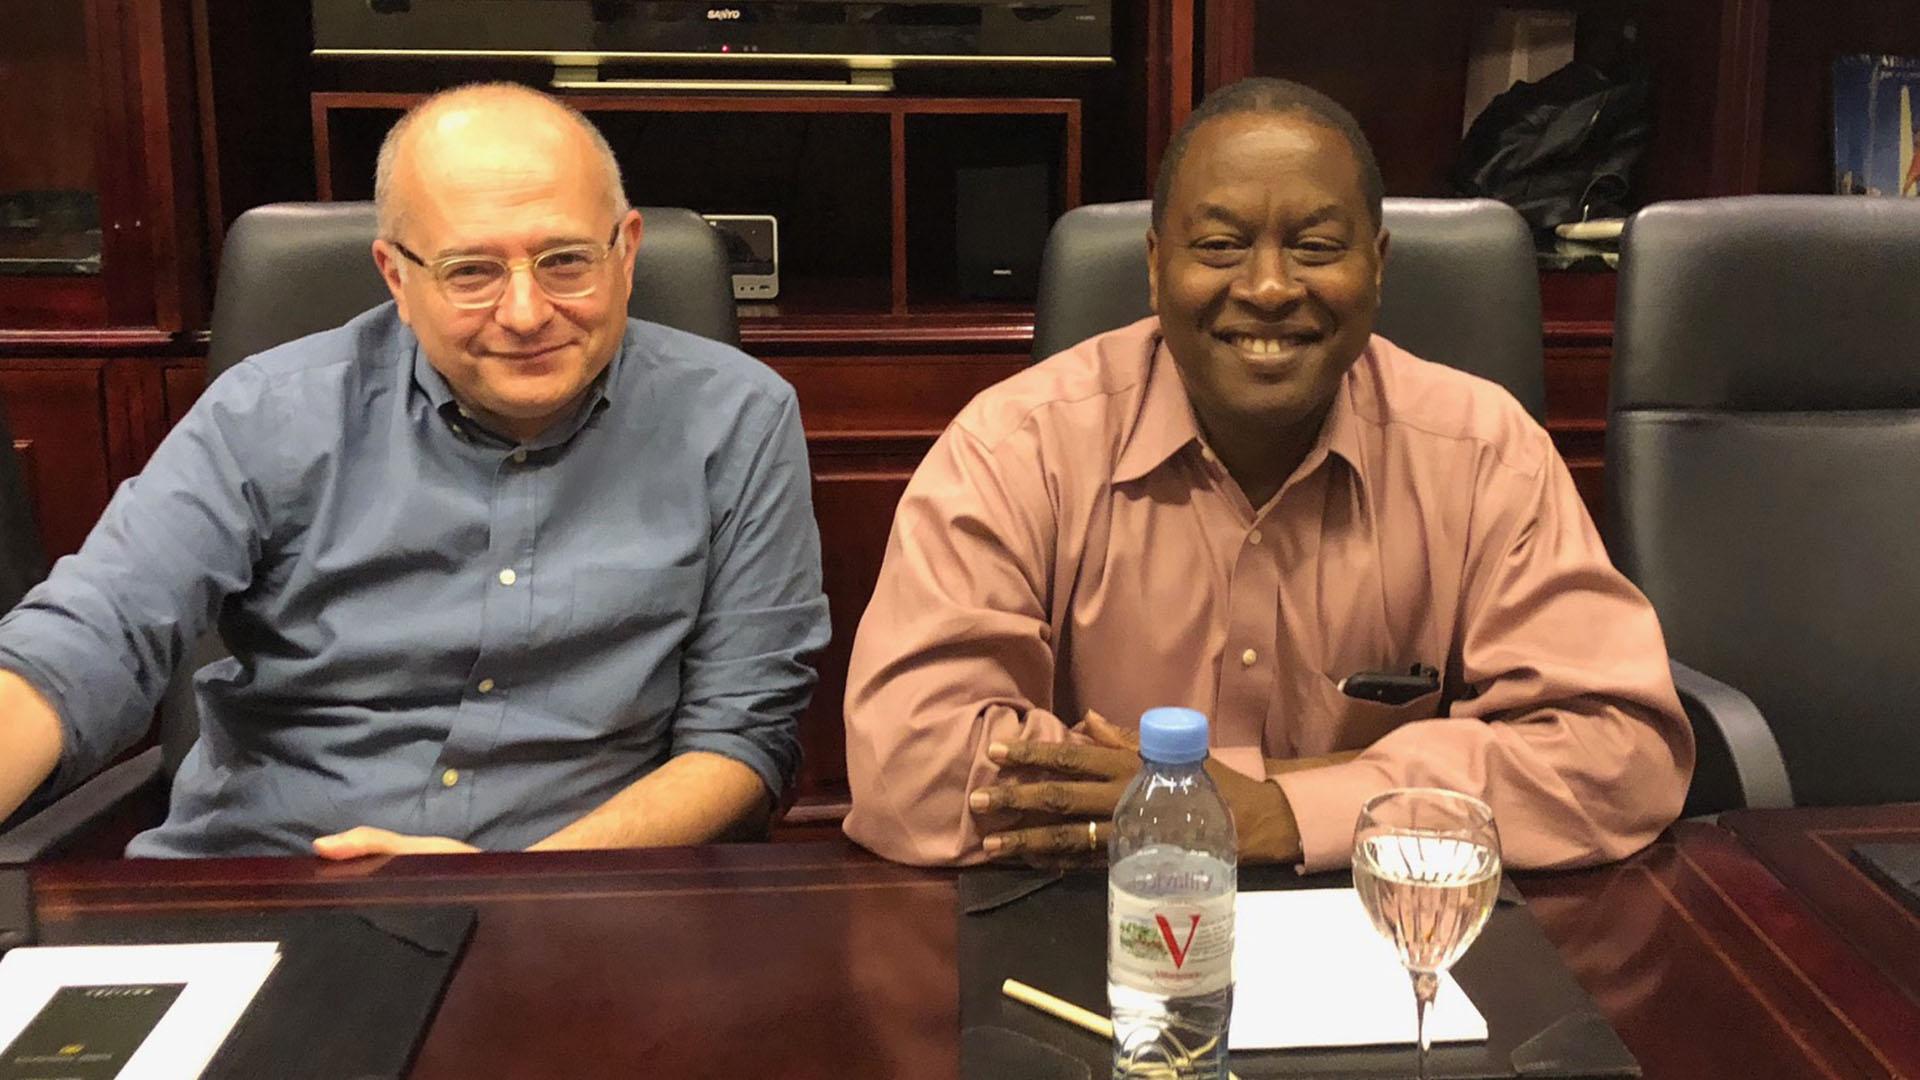 Roberto Cardarelli, responsable de la misión local, y Trevor Alleyne, el funcionario del FMI destinado a la Argentina